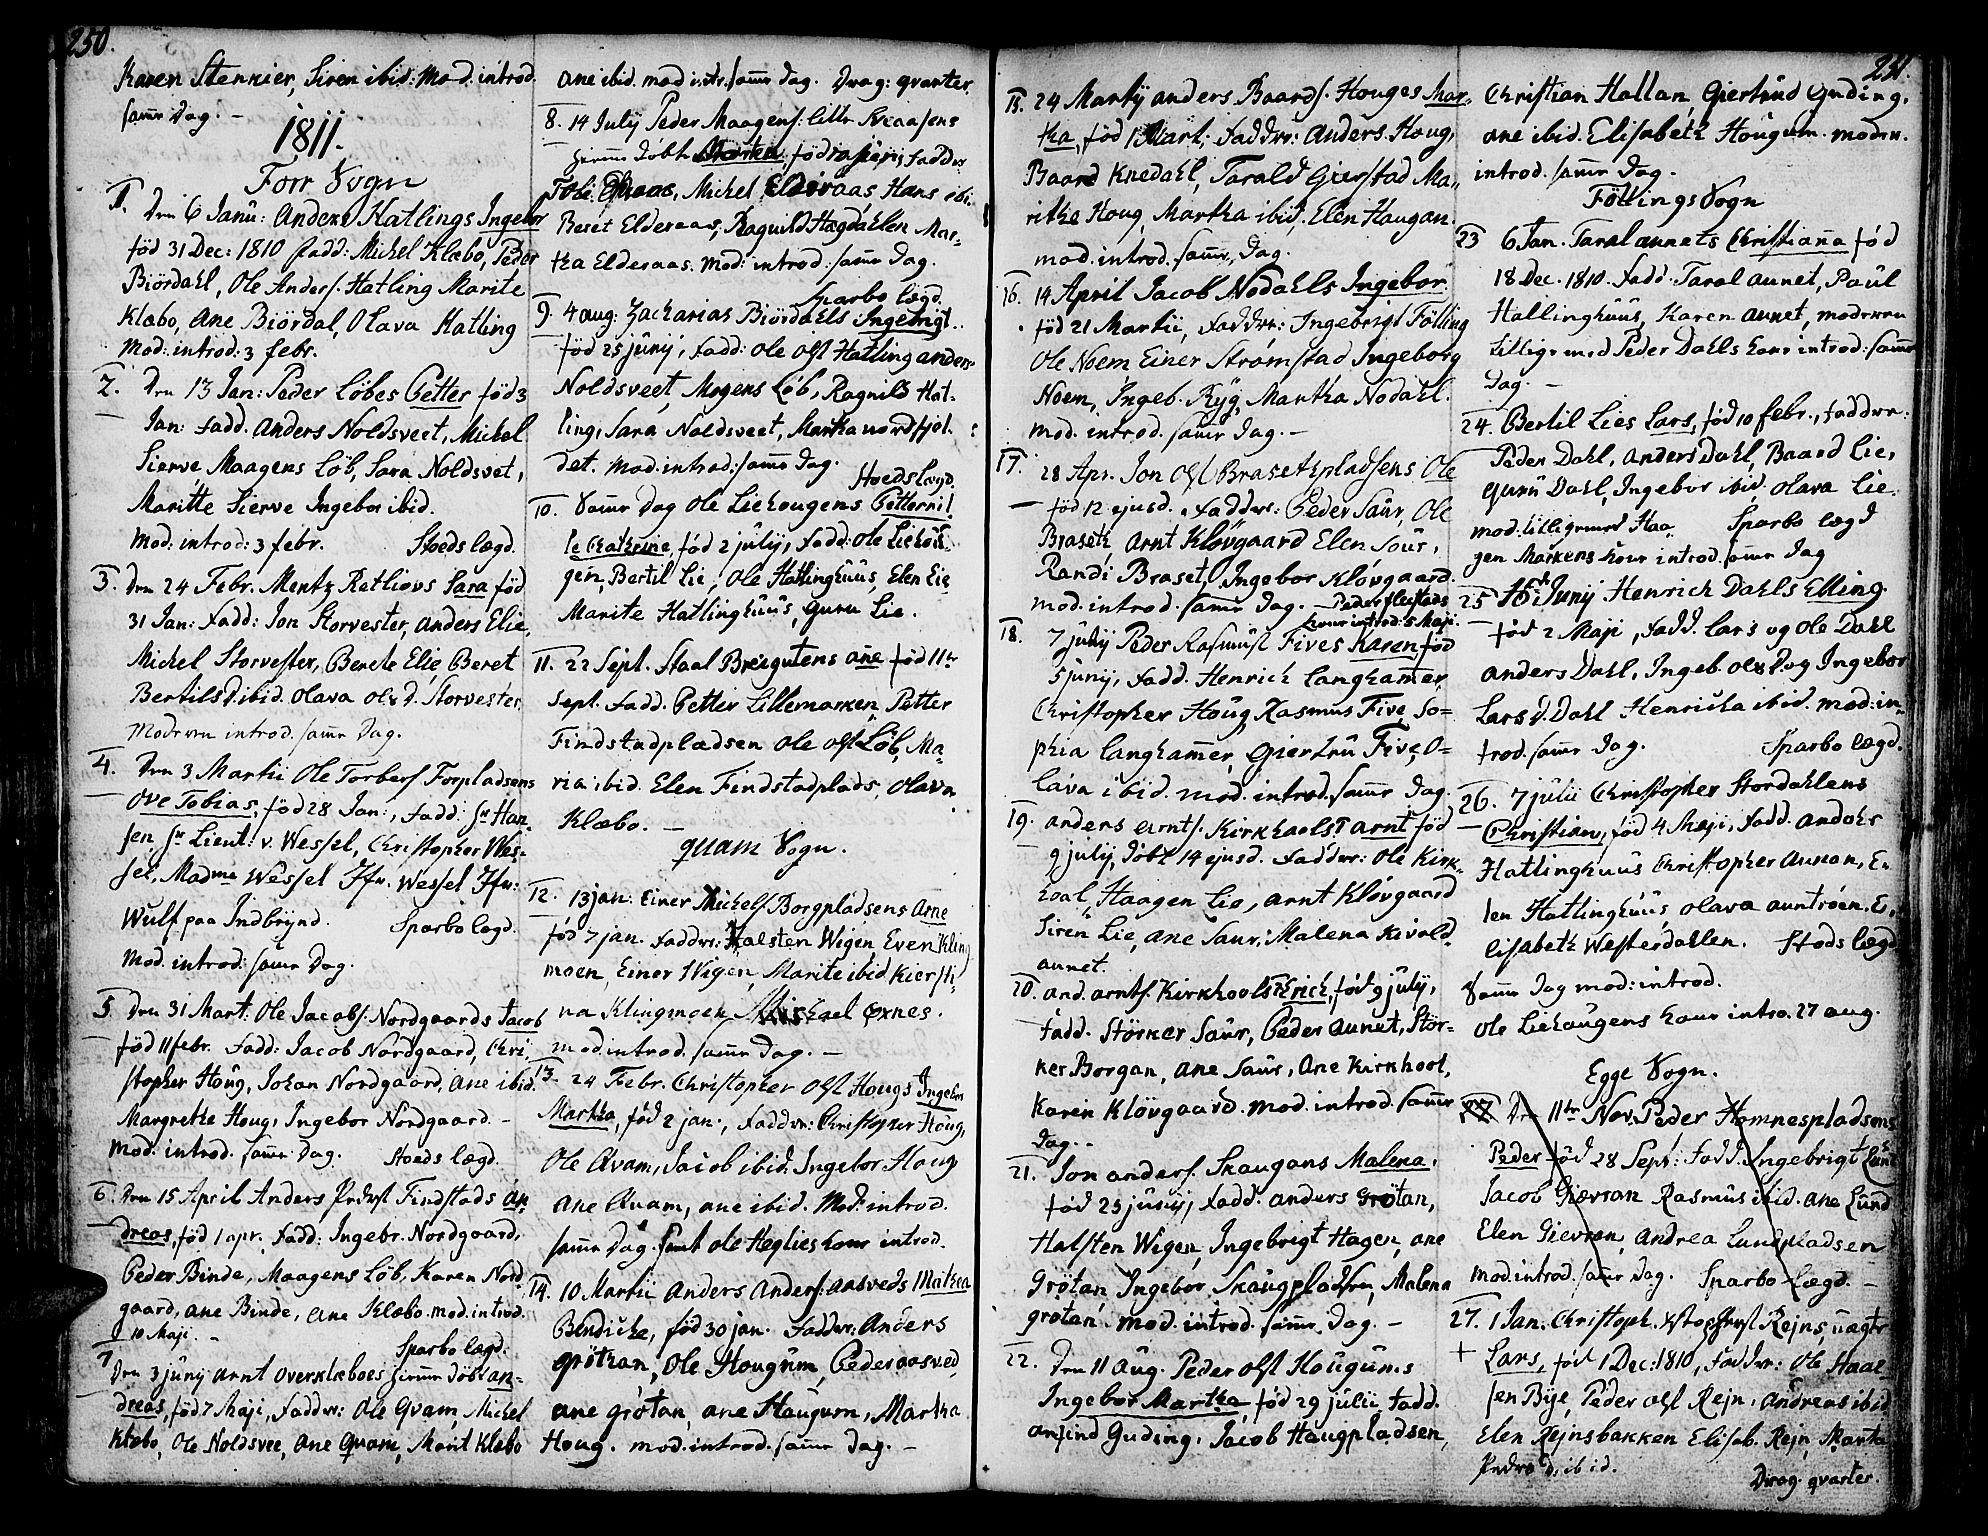 SAT, Ministerialprotokoller, klokkerbøker og fødselsregistre - Nord-Trøndelag, 746/L0440: Ministerialbok nr. 746A02, 1760-1815, s. 250-251